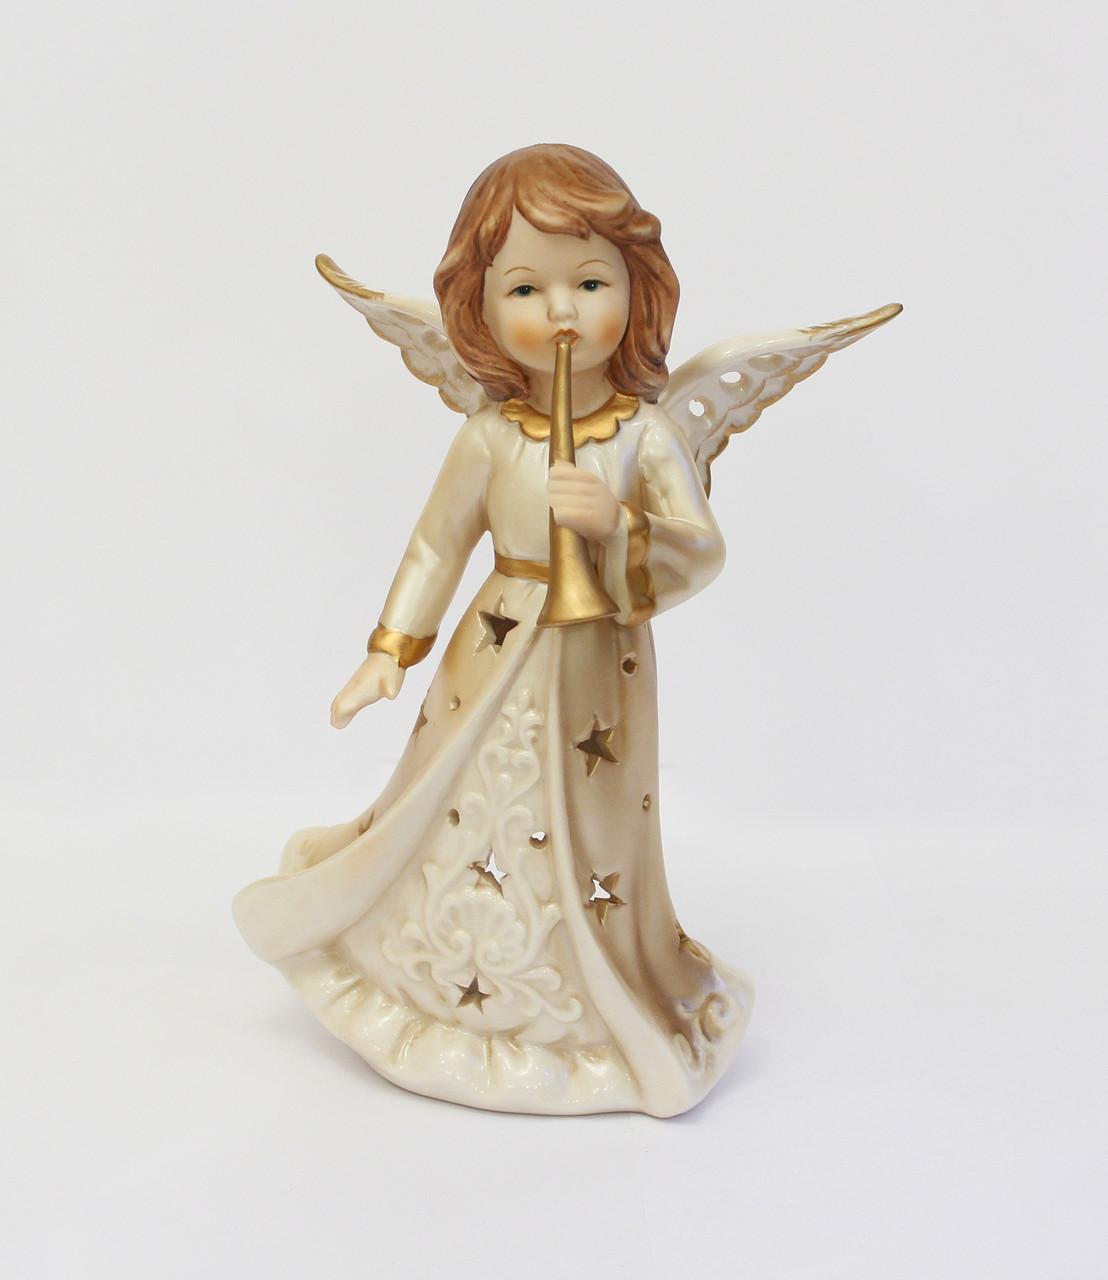 Статуэтка-подсвечник Ангел с трубой. Ручная работа, Италия